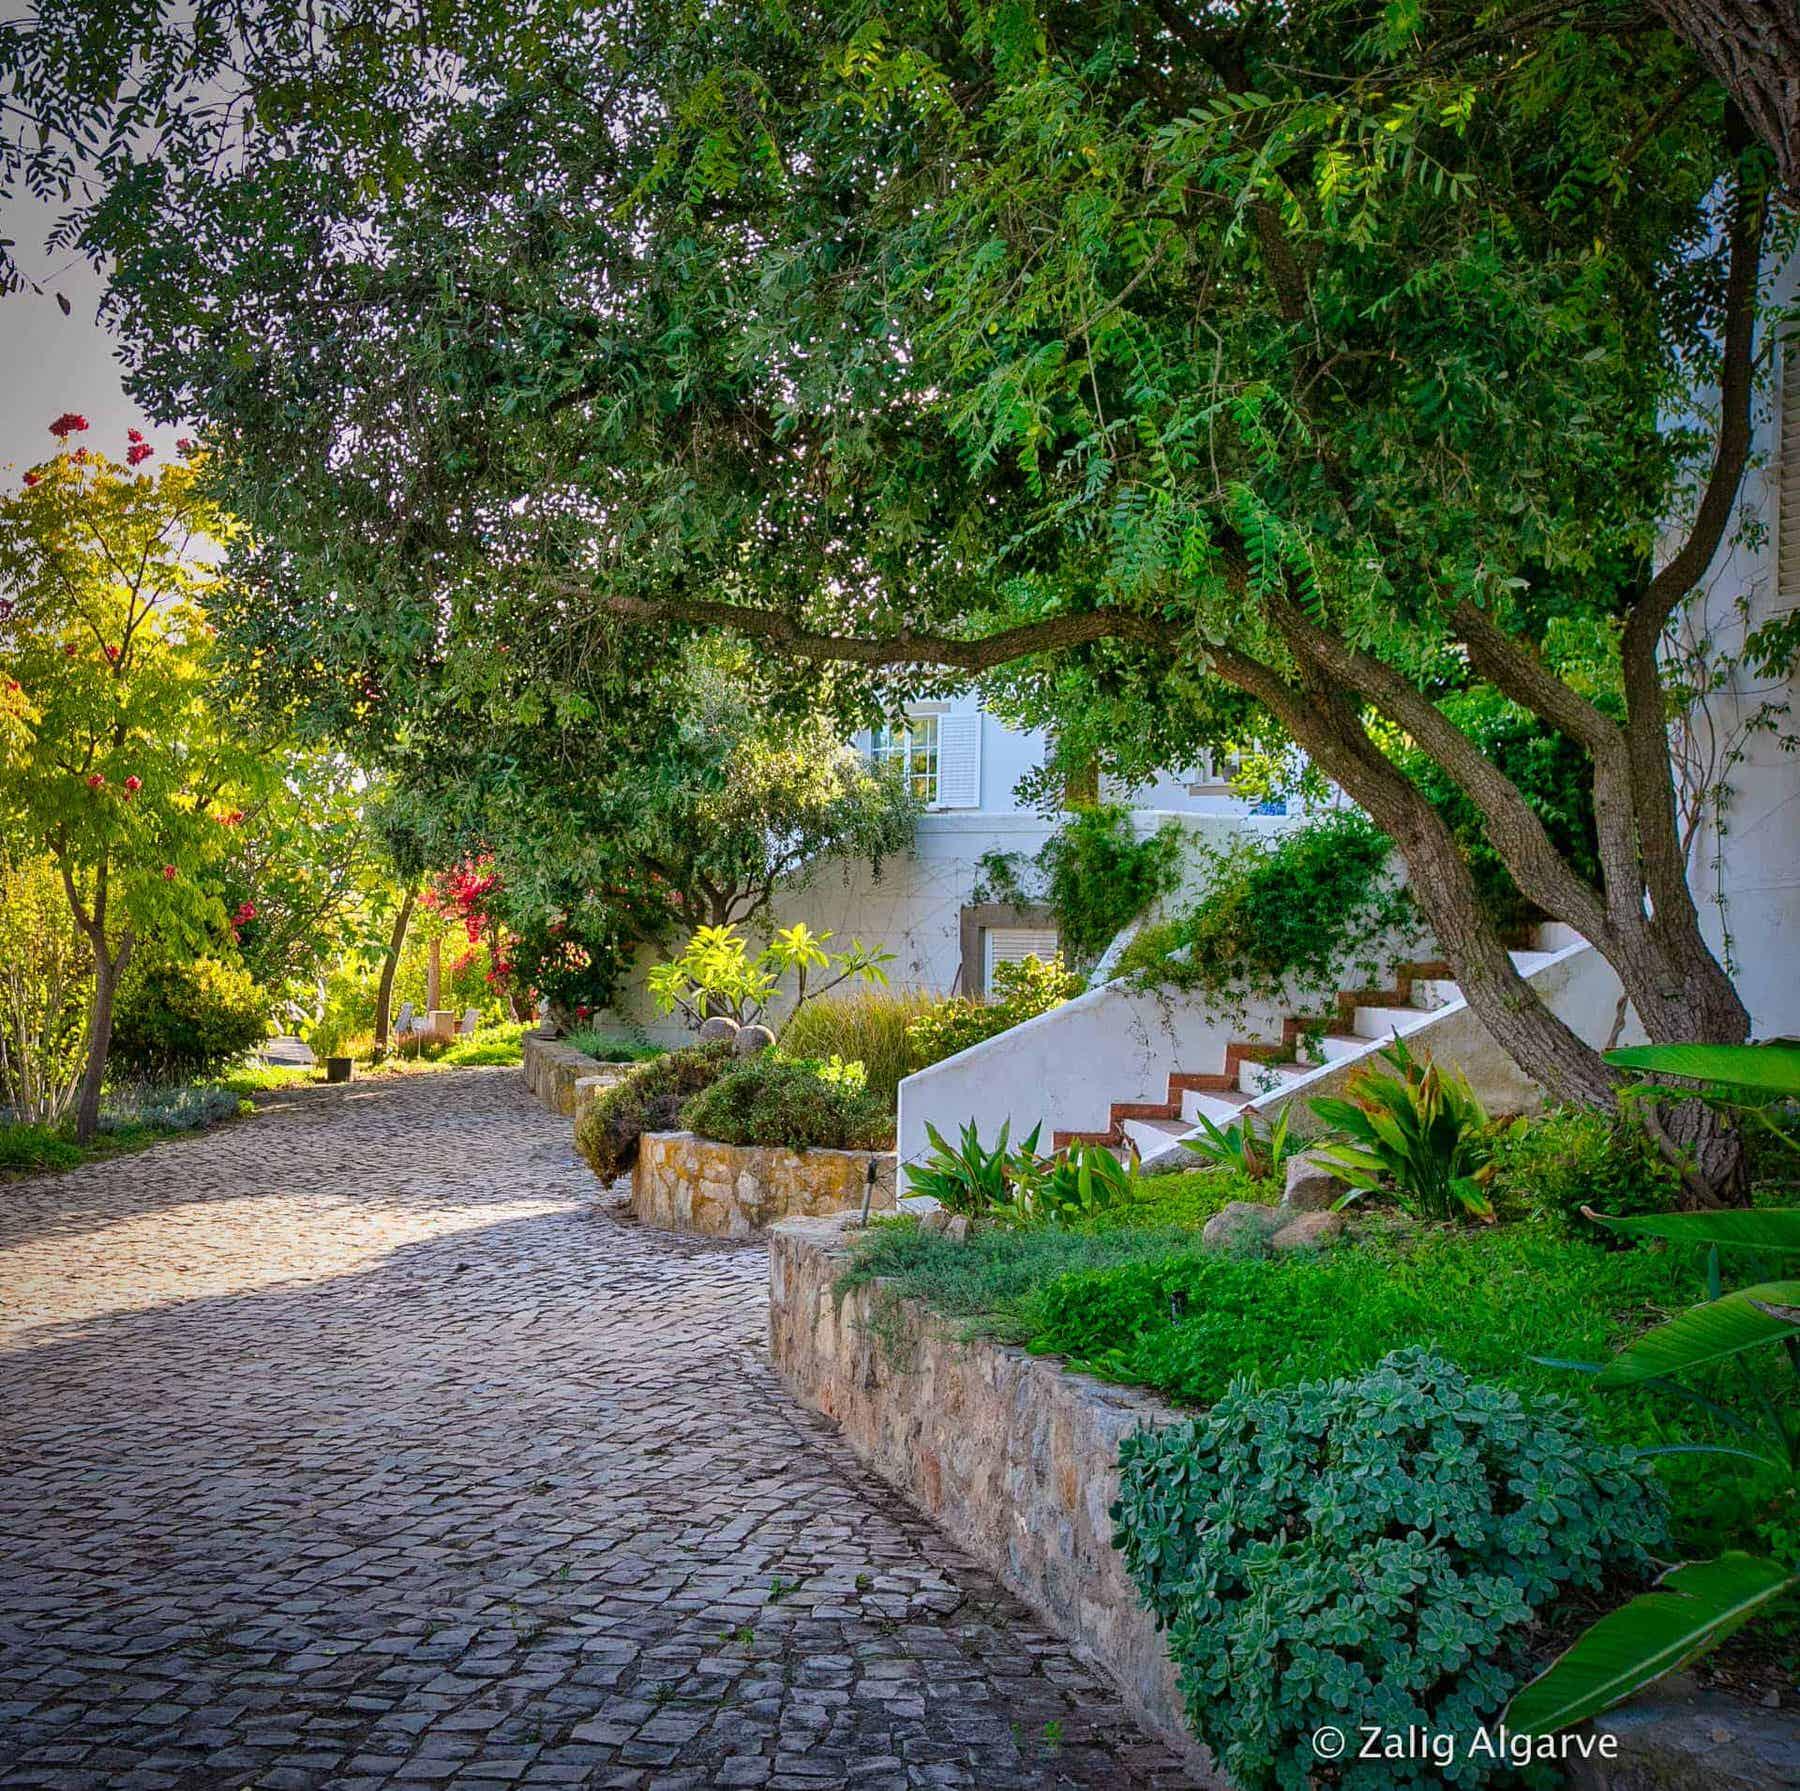 Mil-Arvores-Zalig-Algarve-51_1_1_1